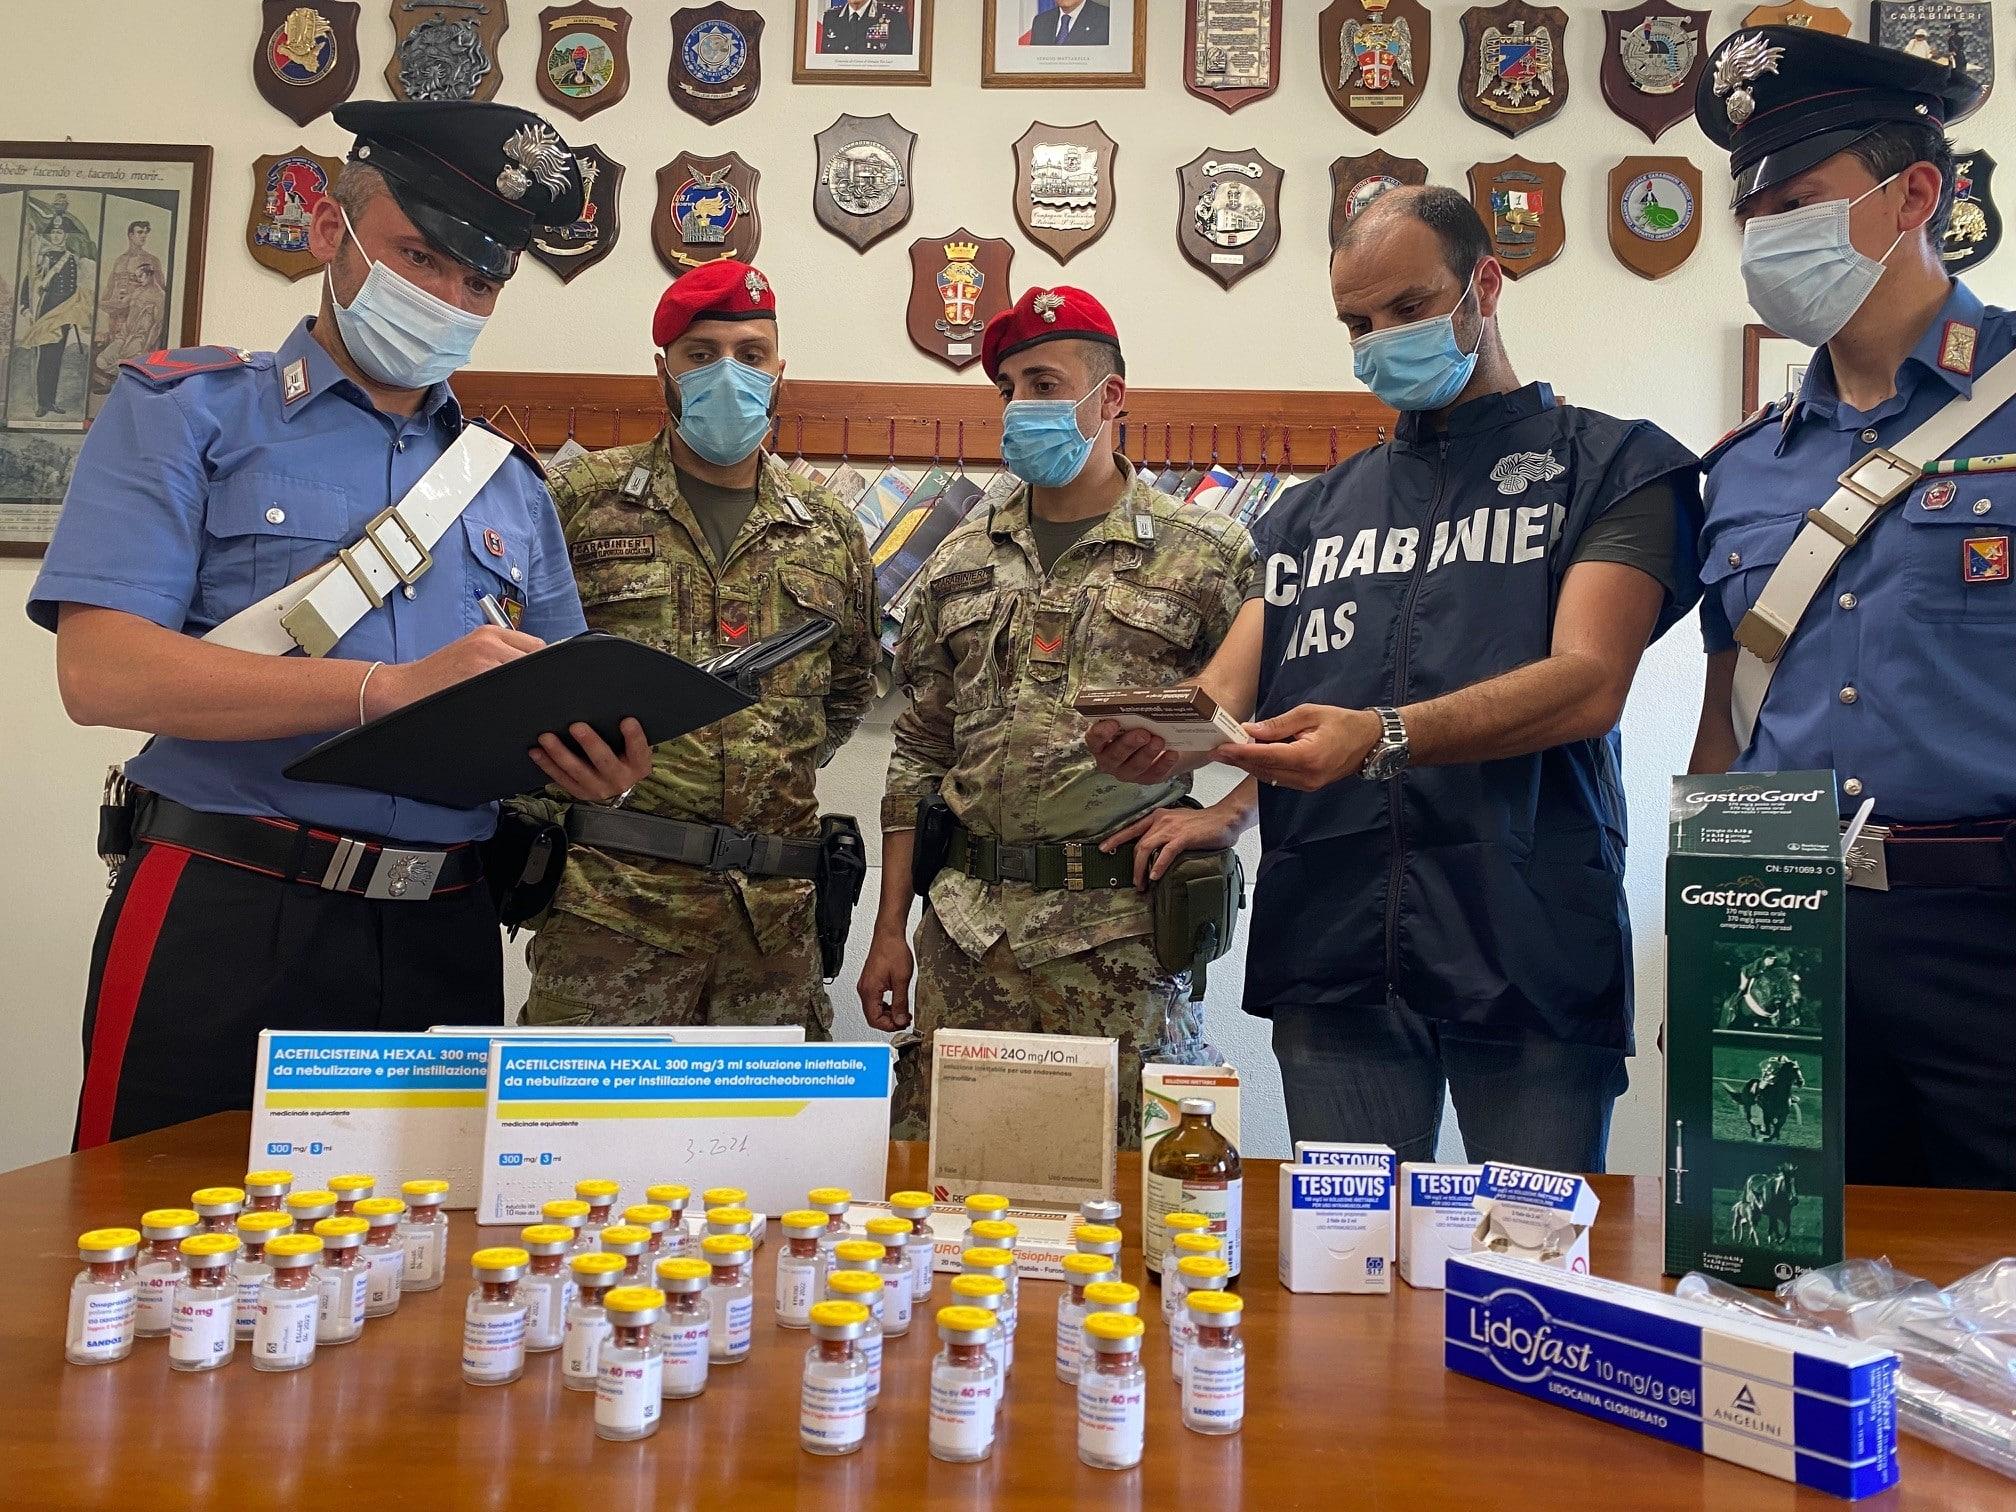 Corse clandestine tra Siracusa e Catania, 60 indagati: perquisizioni, equini maltrattati e farmaci dopanti